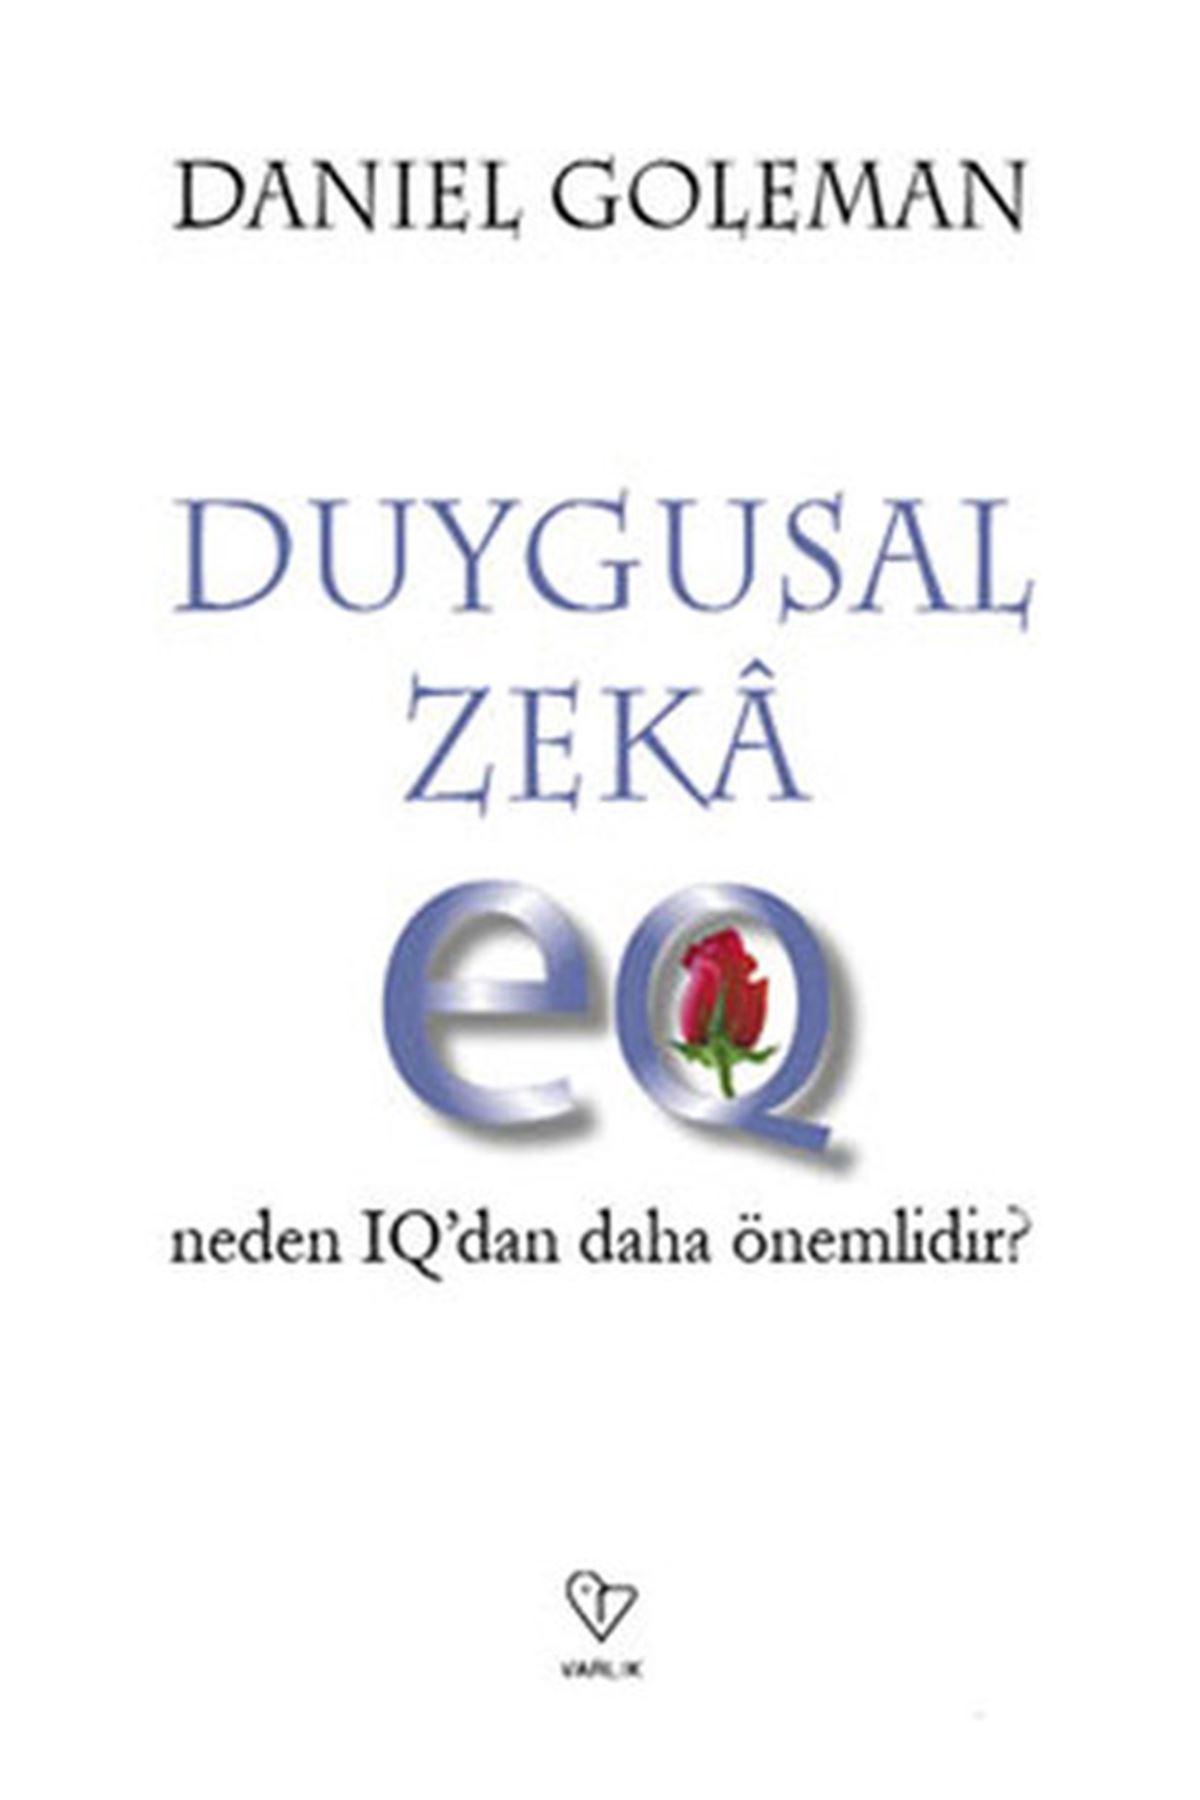 DANİEL GOLEMAN - DUYGUSAL ZEKA - NEDEN IQ DAN DAHA ÖNEMLİ